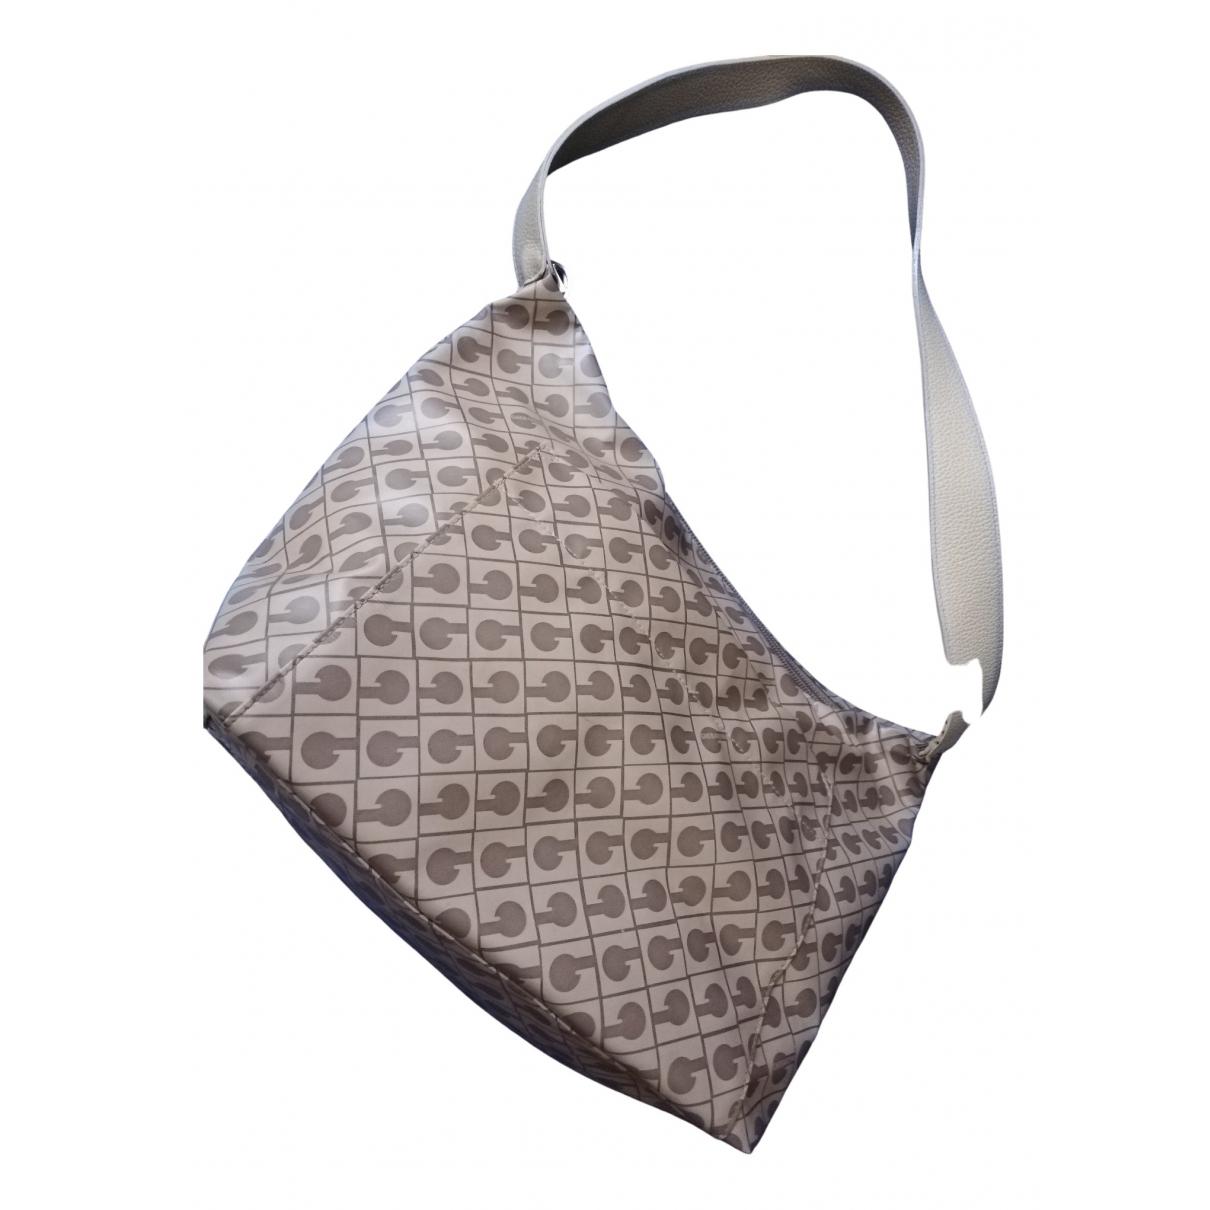 Gherardini \N Handtasche in  Beige Polyester